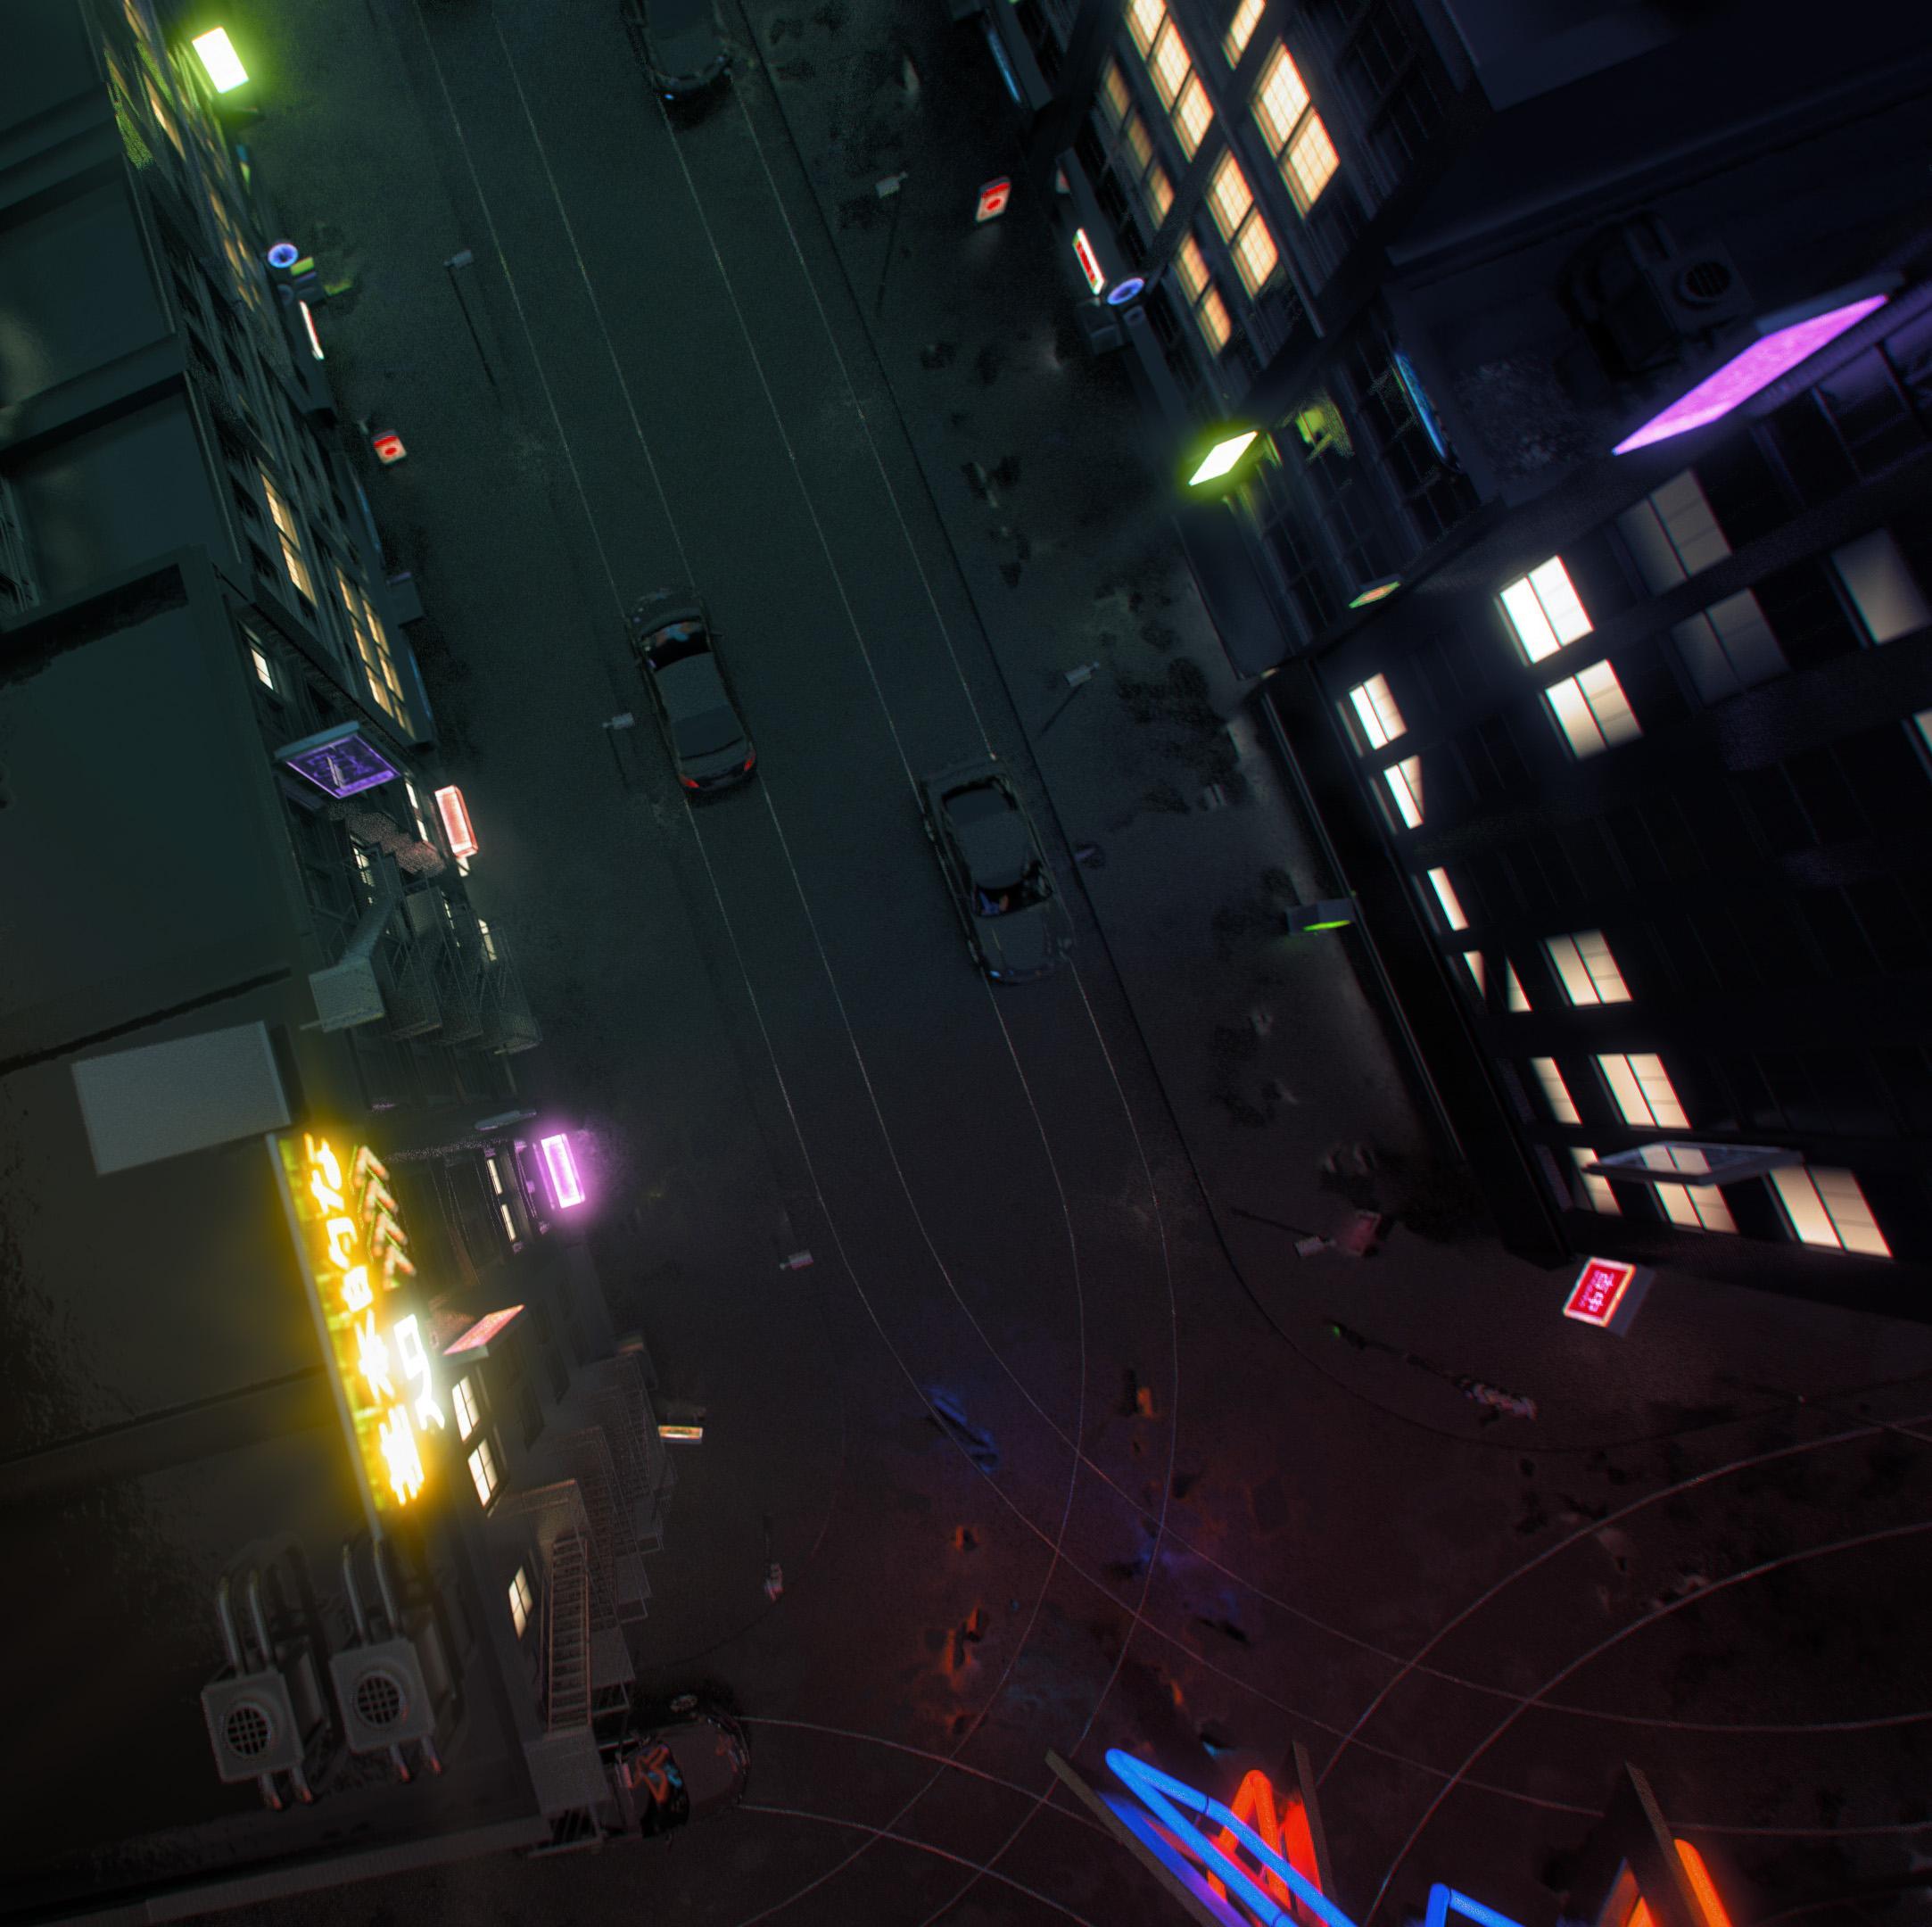 X_Neon_FlyThrough_CLR_00226_3840.jpg